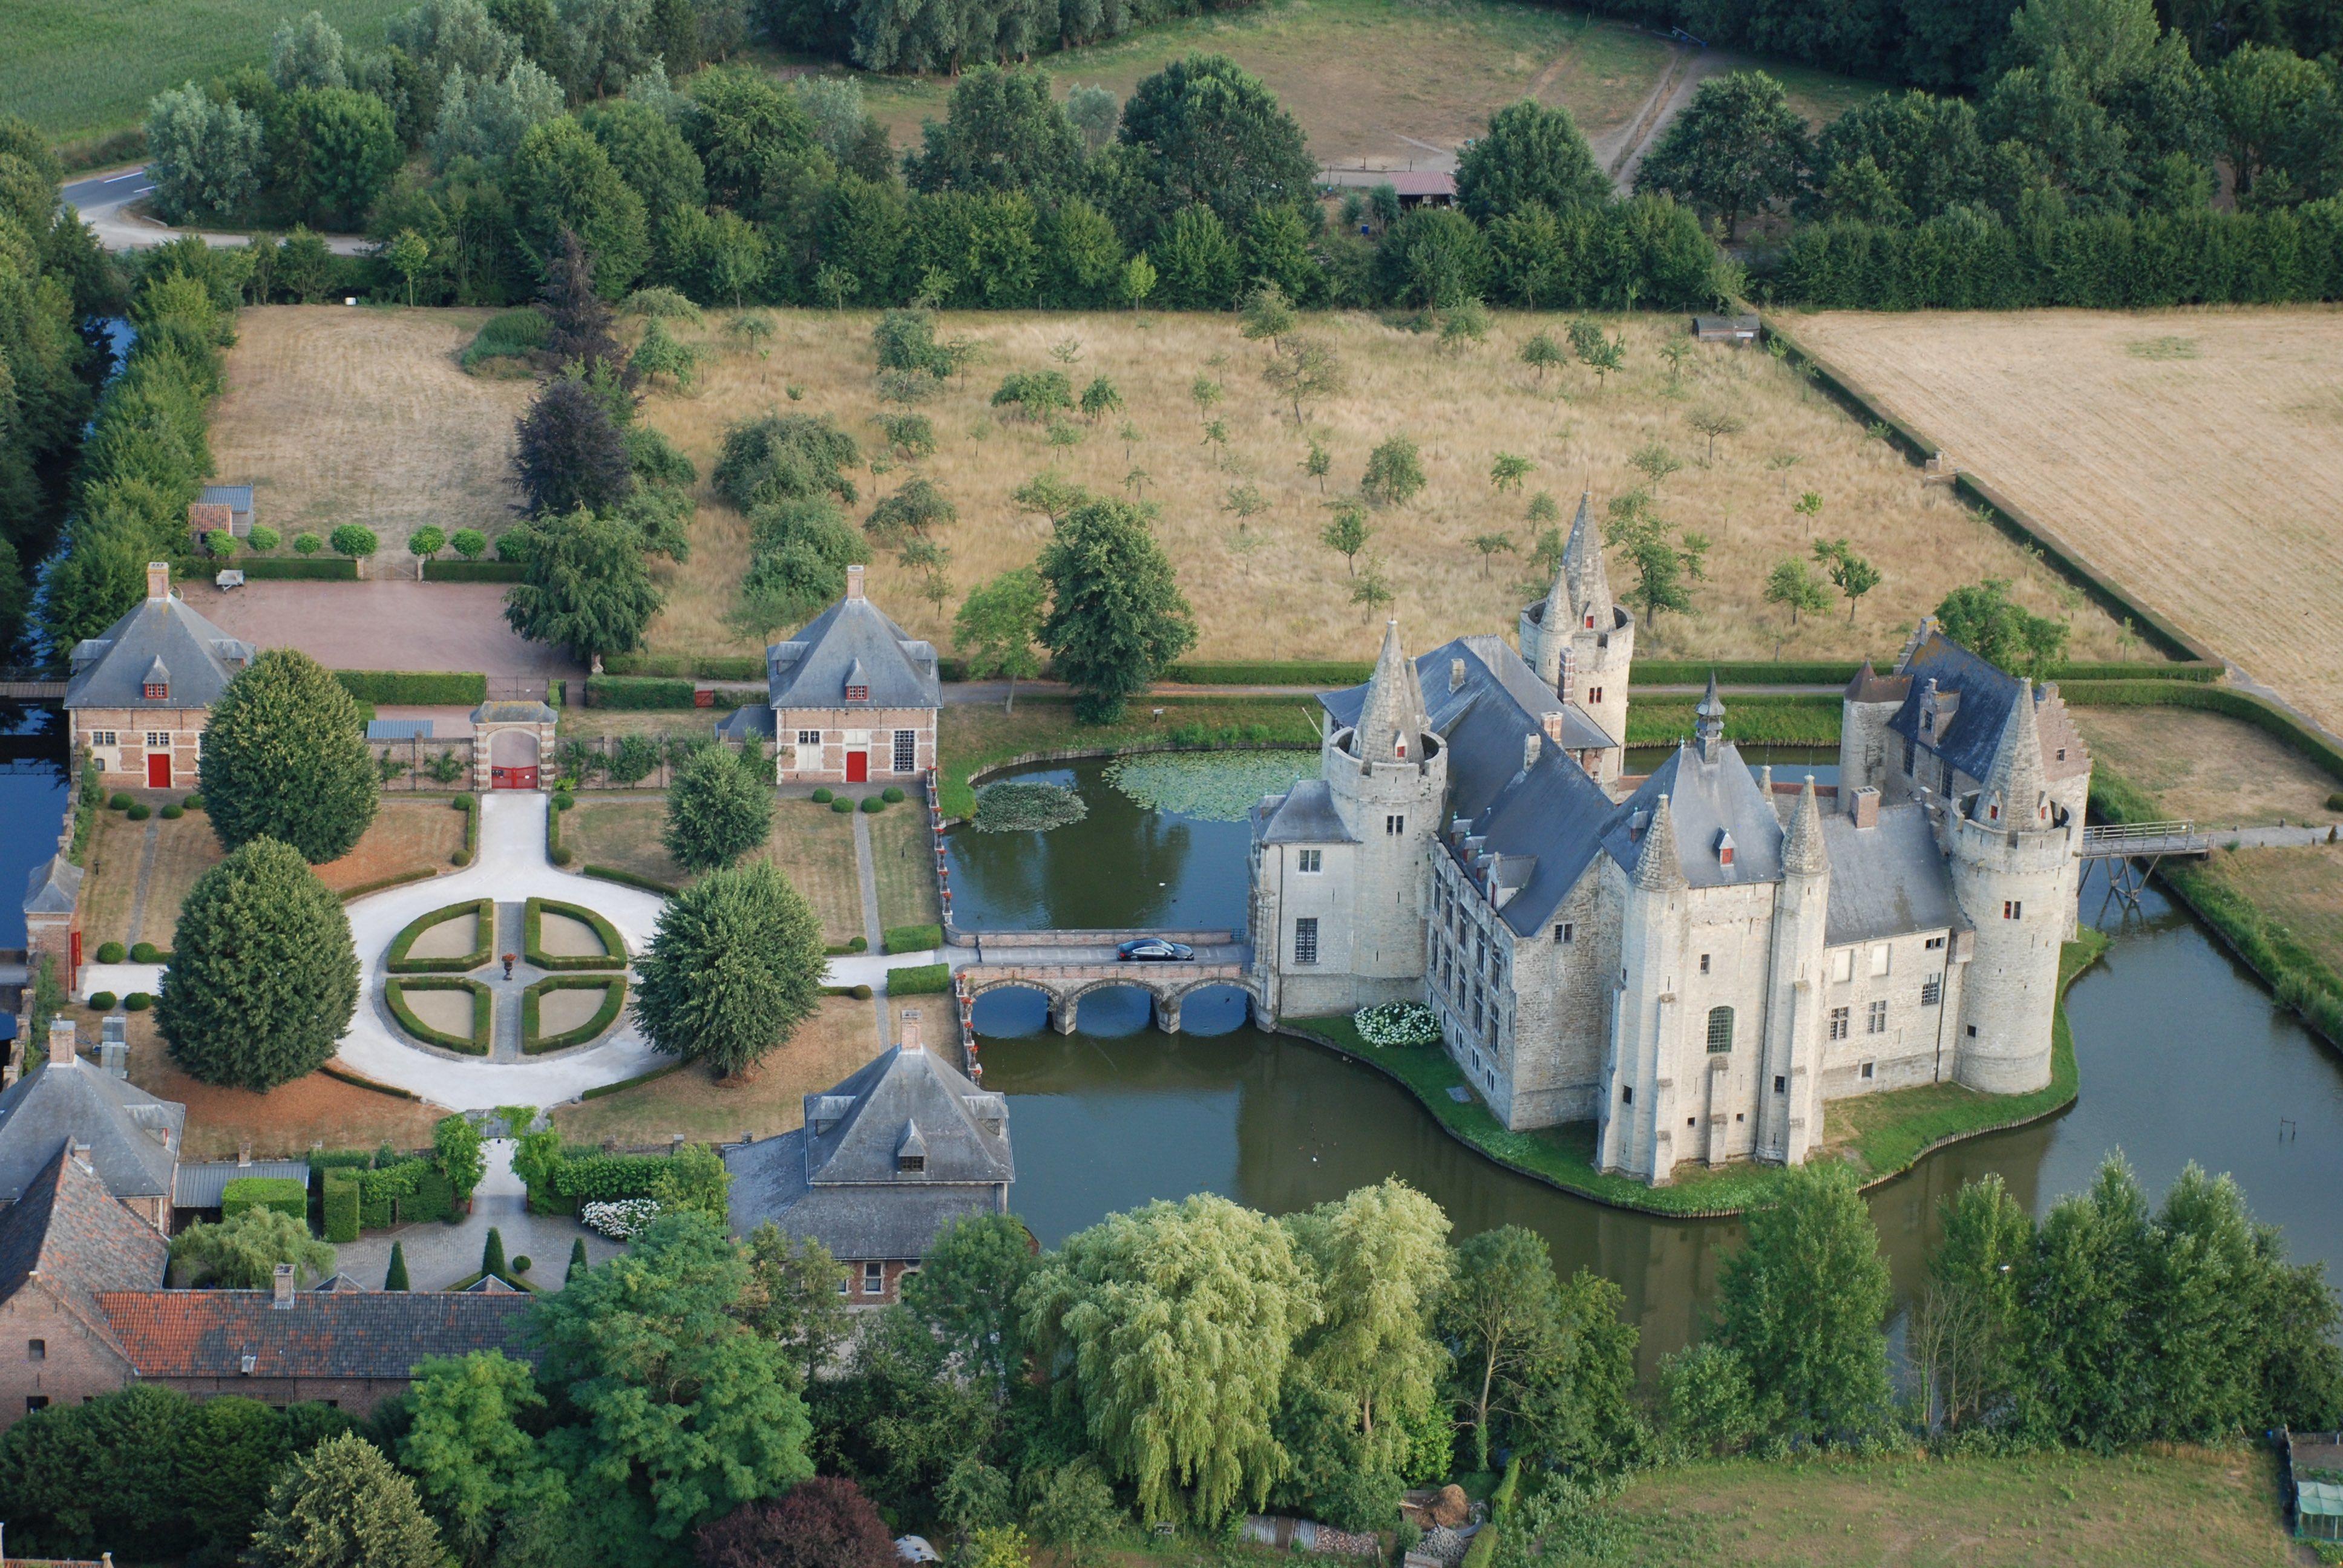 Ballonvaart kasteel van Laarne